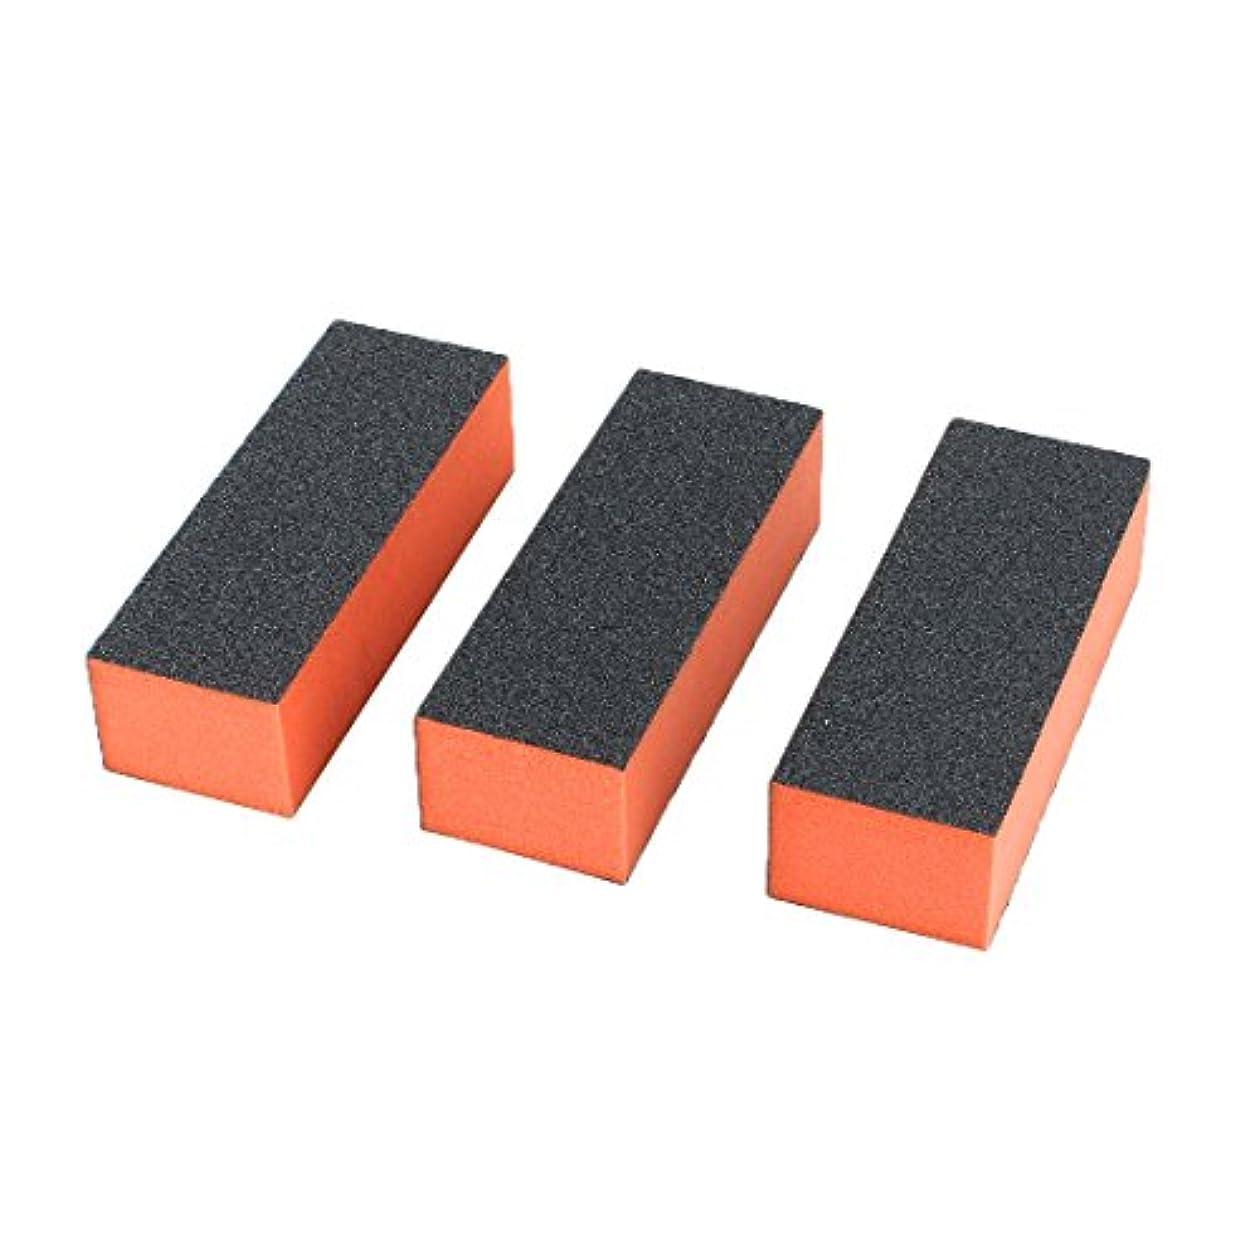 扇動する放送手段uxcell ネイルファイルブロック マニキュア アクリル ネイルアート バフ研磨 サンディング レディ用 3ウェイ 3個入り